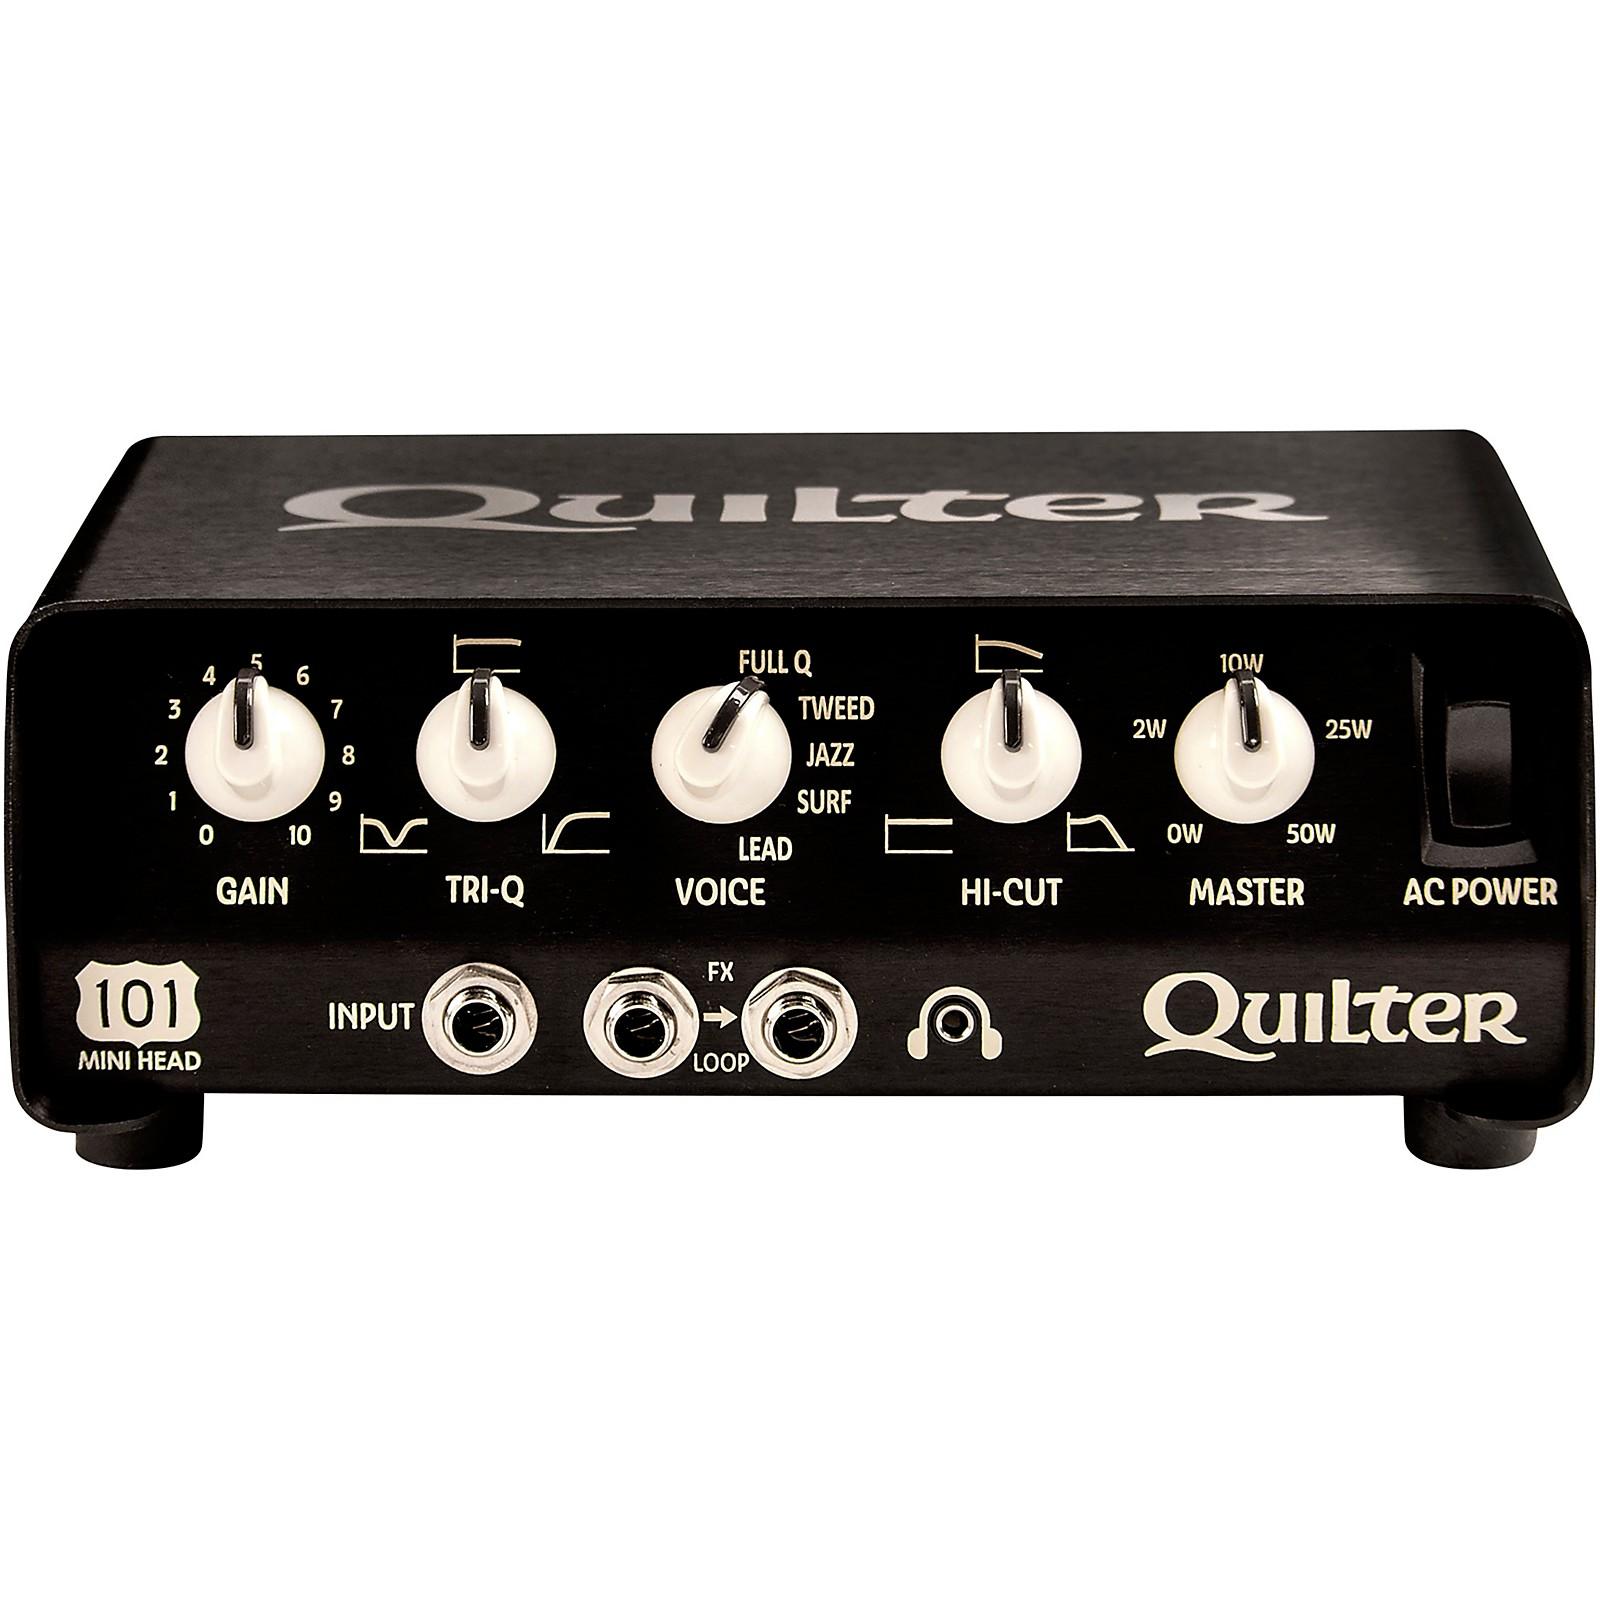 Quilter Labs 101-MINI HEAD 101 Mini 100W Guitar Amp Head